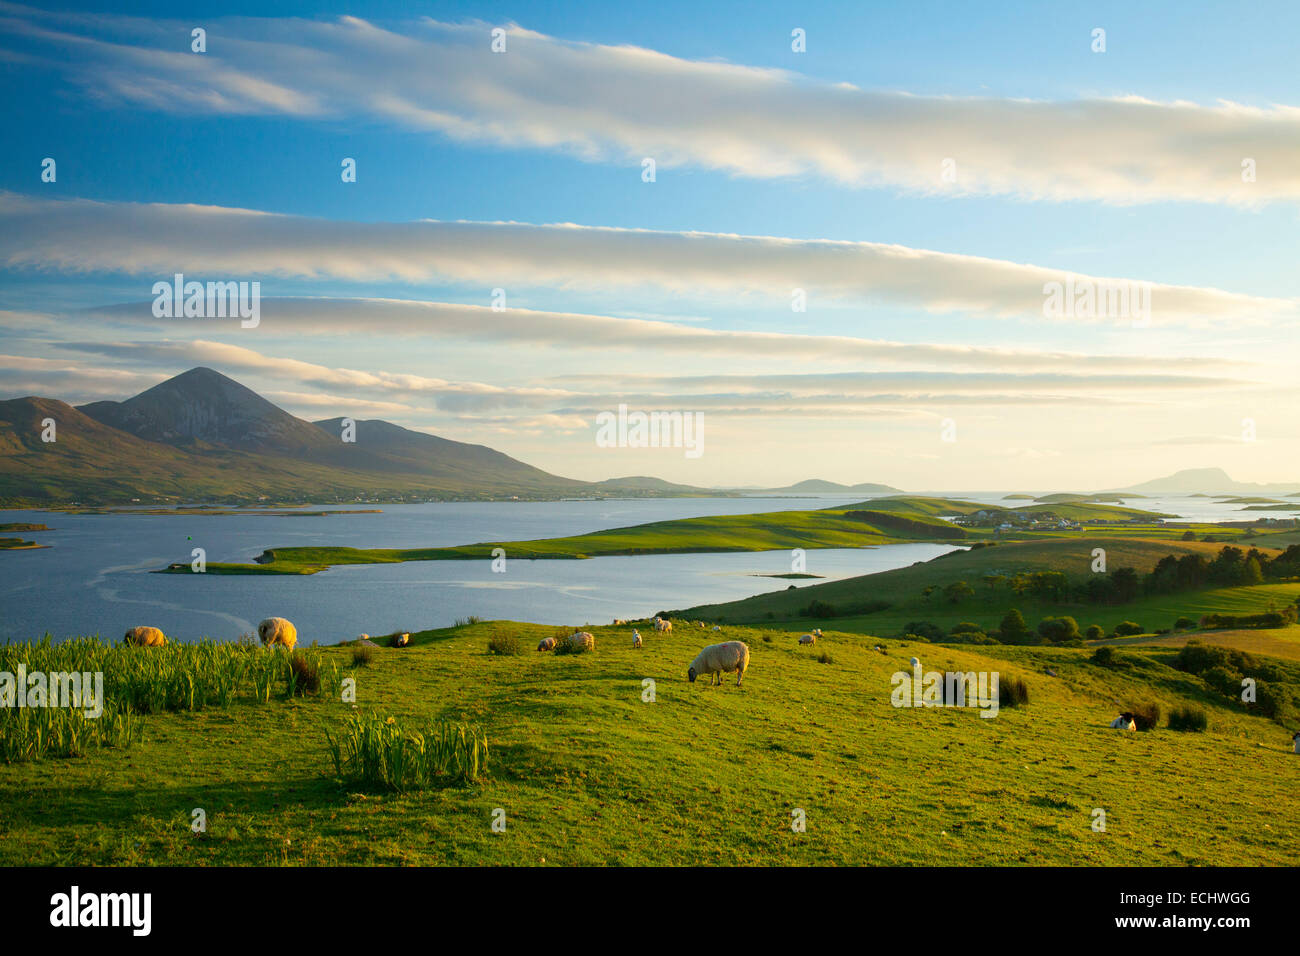 Pecore al pascolo sotto Croagh Patrick sulle rive della Baia di Clew, County Mayo, Irlanda. Foto Stock